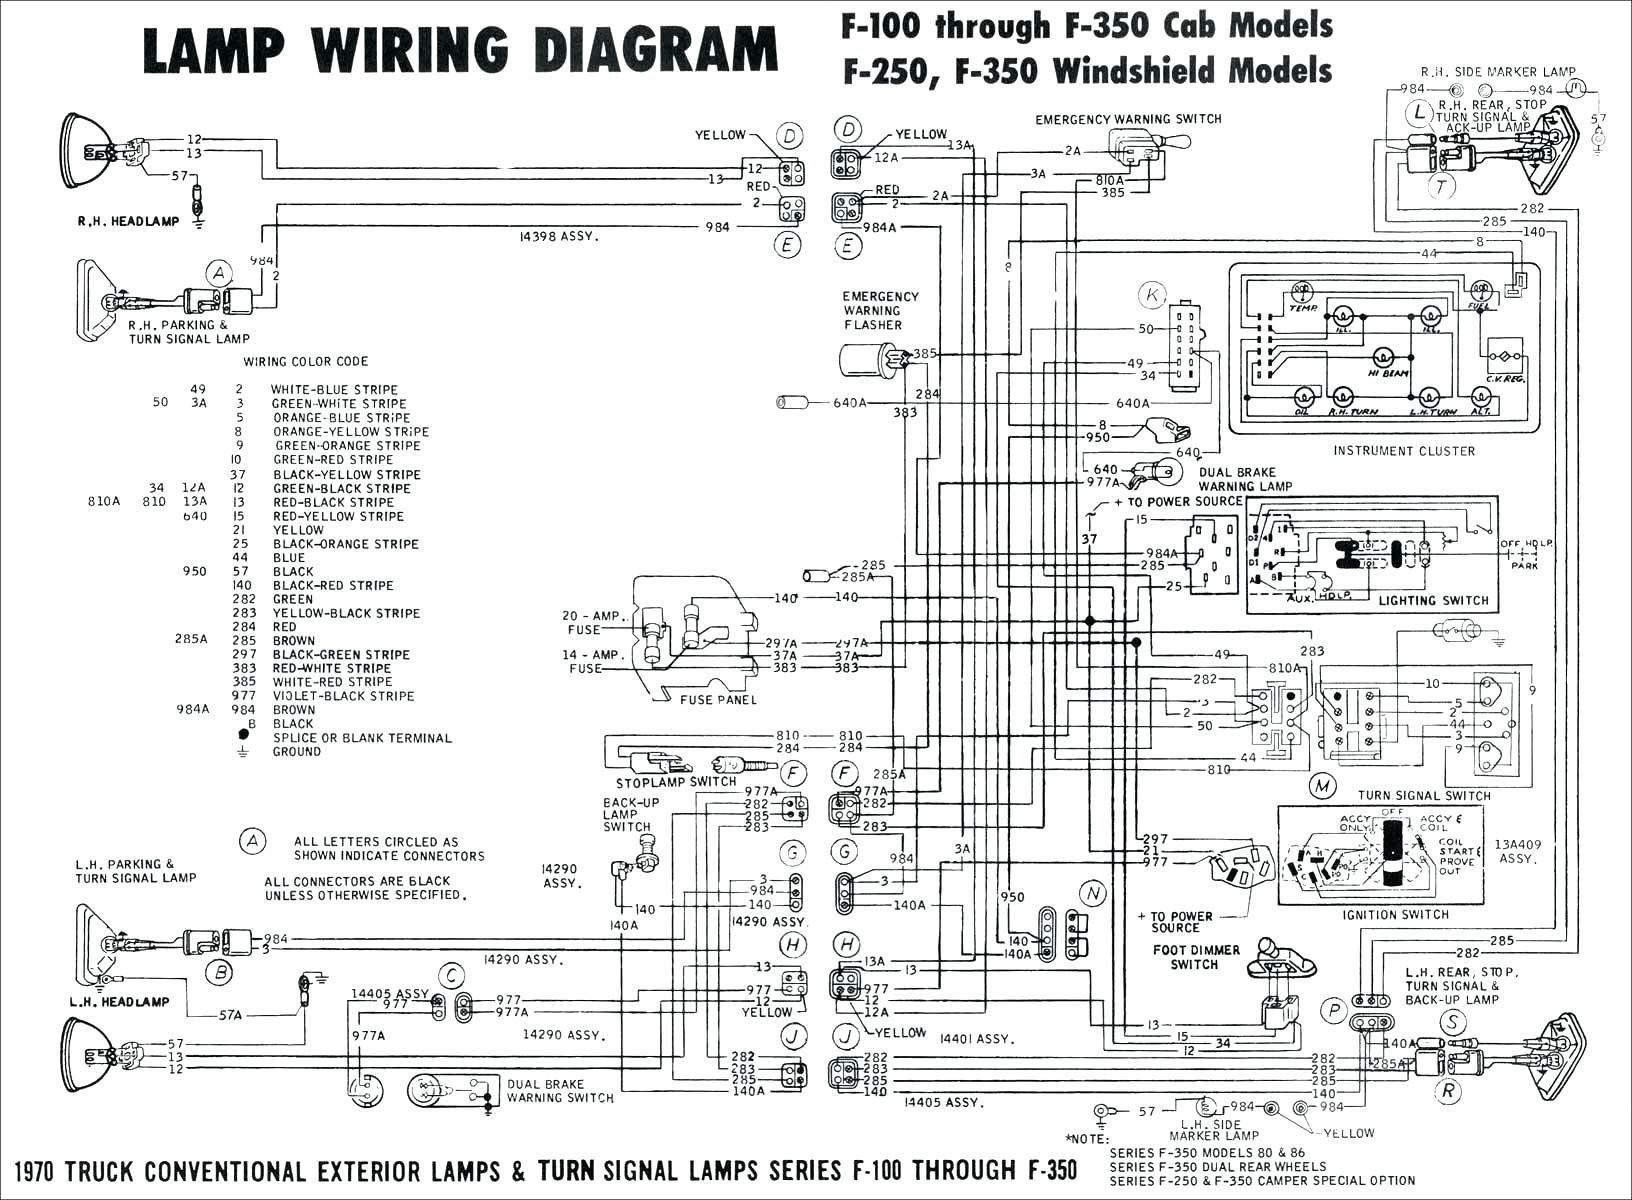 2007 Audi A4 Engine Diagram 1996 Audi A4 Electrical Diagram Wiring Diagram Services • Of 2007 Audi A4 Engine Diagram 1996 Audi A4 Engine Diagram Diy Enthusiasts Wiring Diagrams •